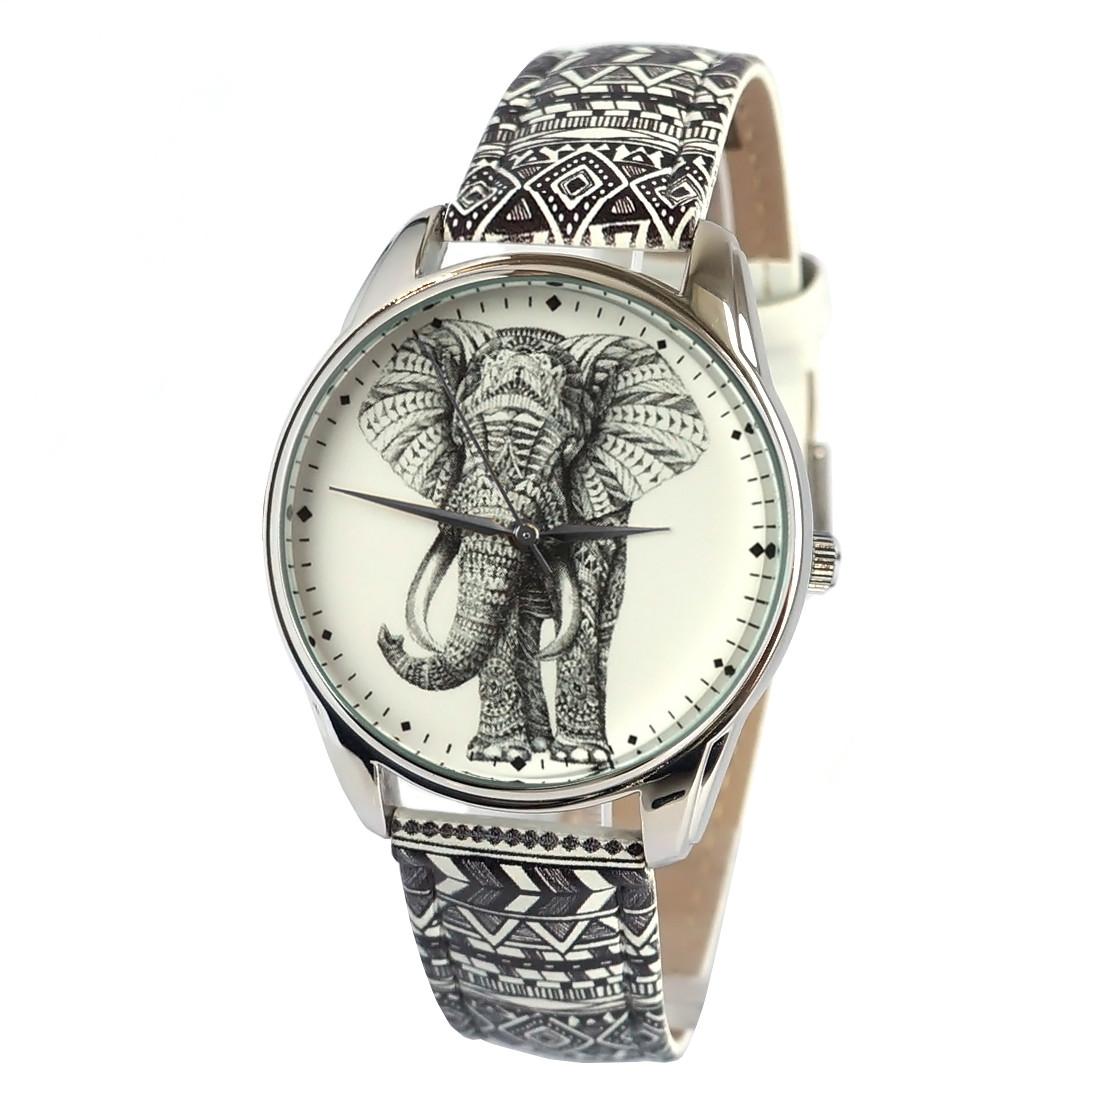 Стильные наручные часы Слон орнамент ZIZ (Украина)  продажа, цена в ... 0b1ab2384fd